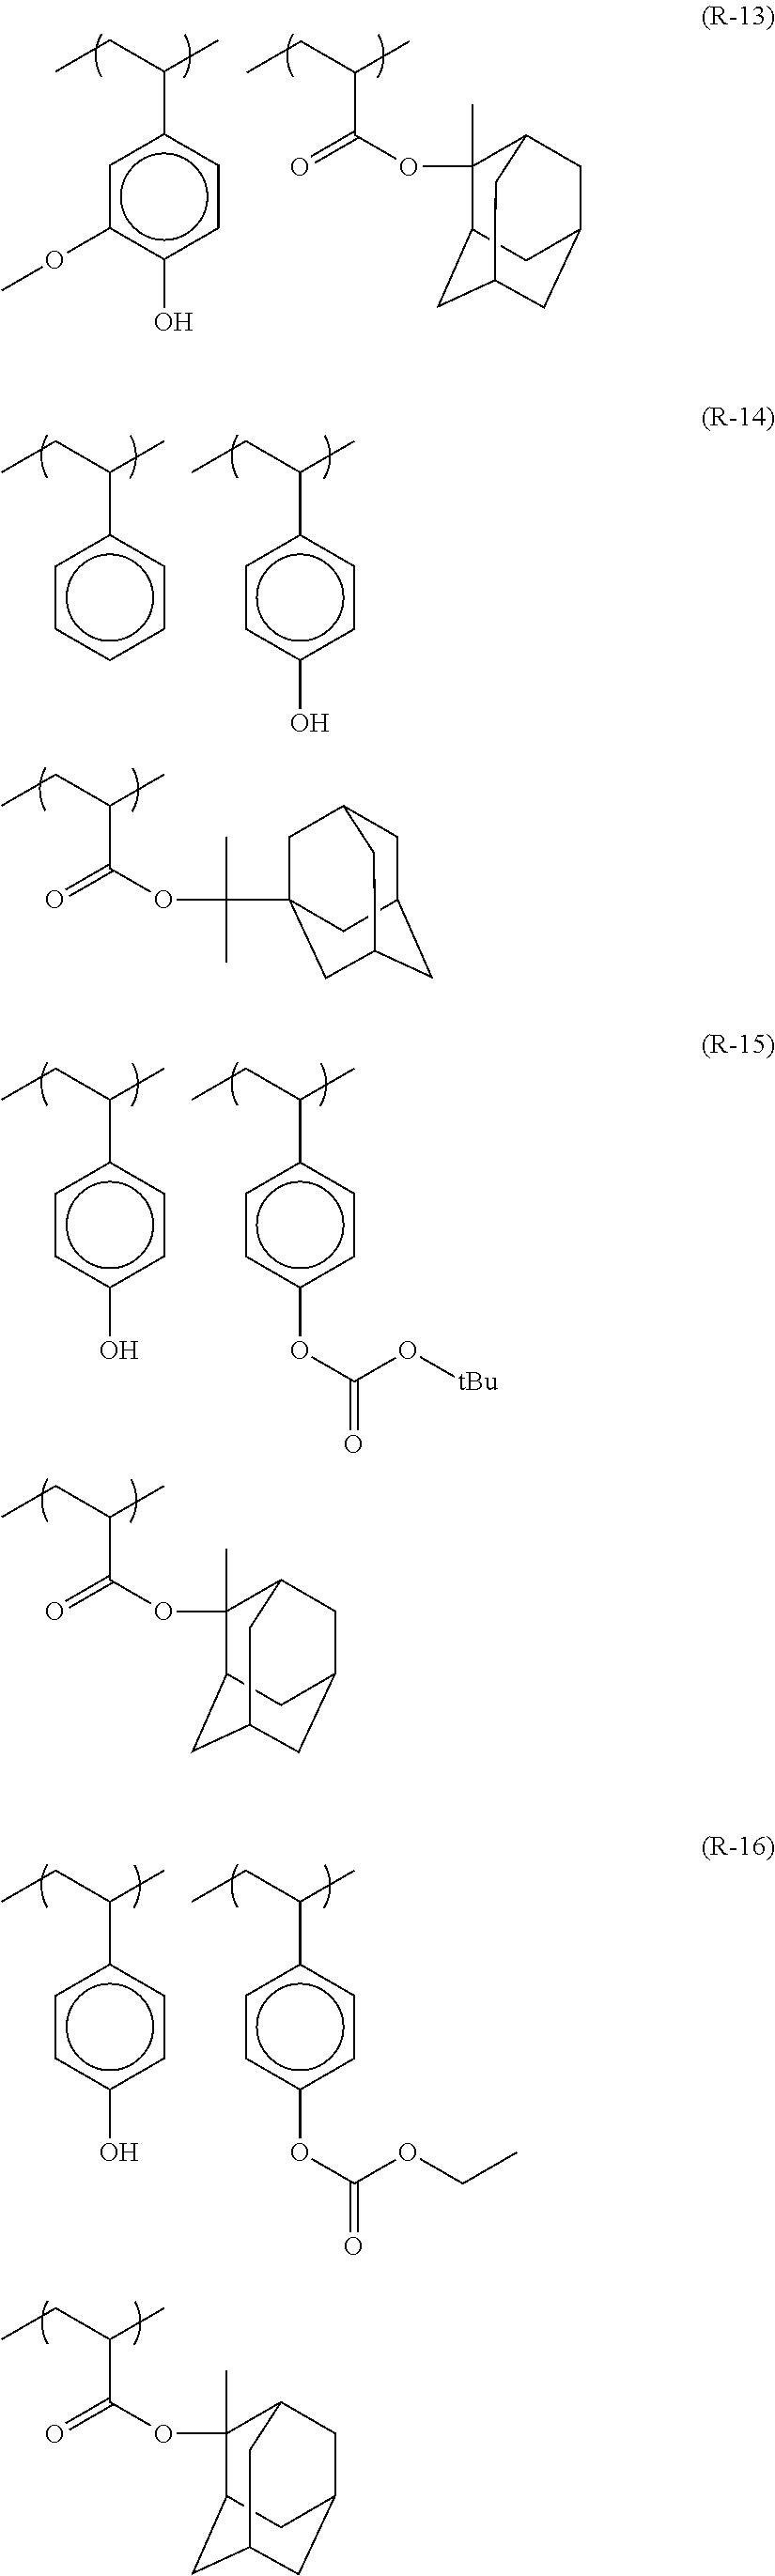 Figure US08476001-20130702-C00046